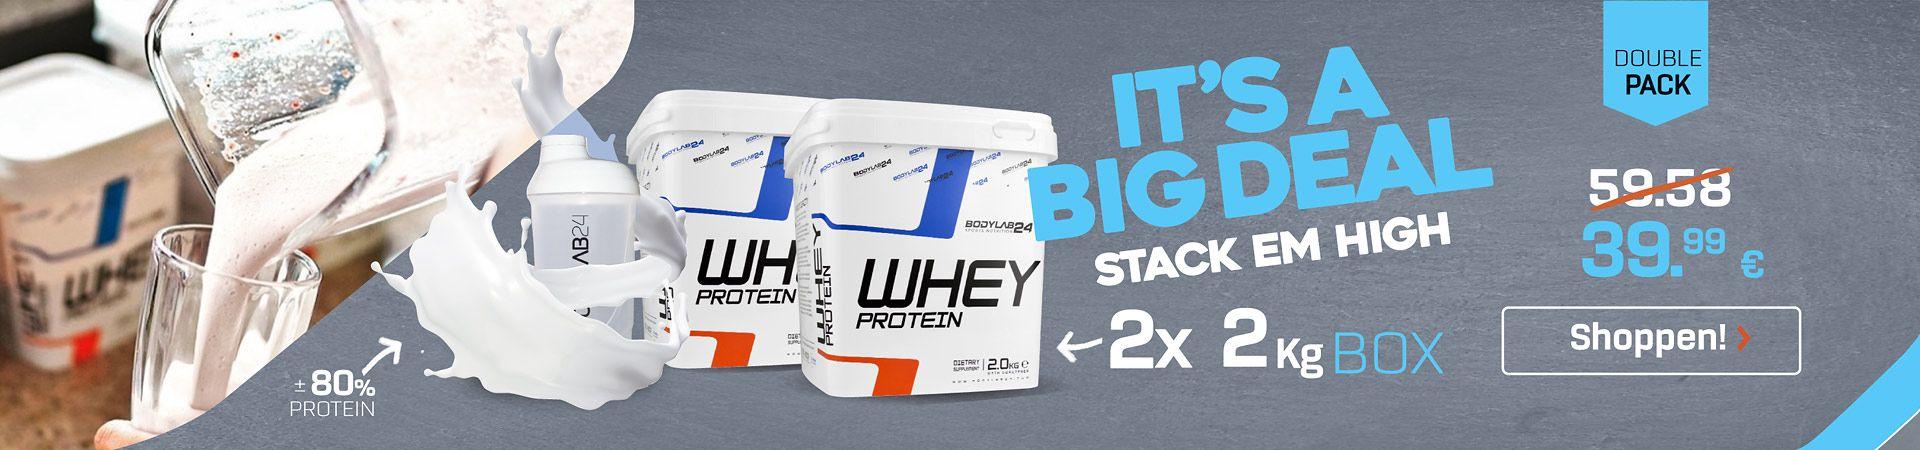 4 Kilo Bodylab24 Whey für 39,99€ - Boxen mit Shake im Glas